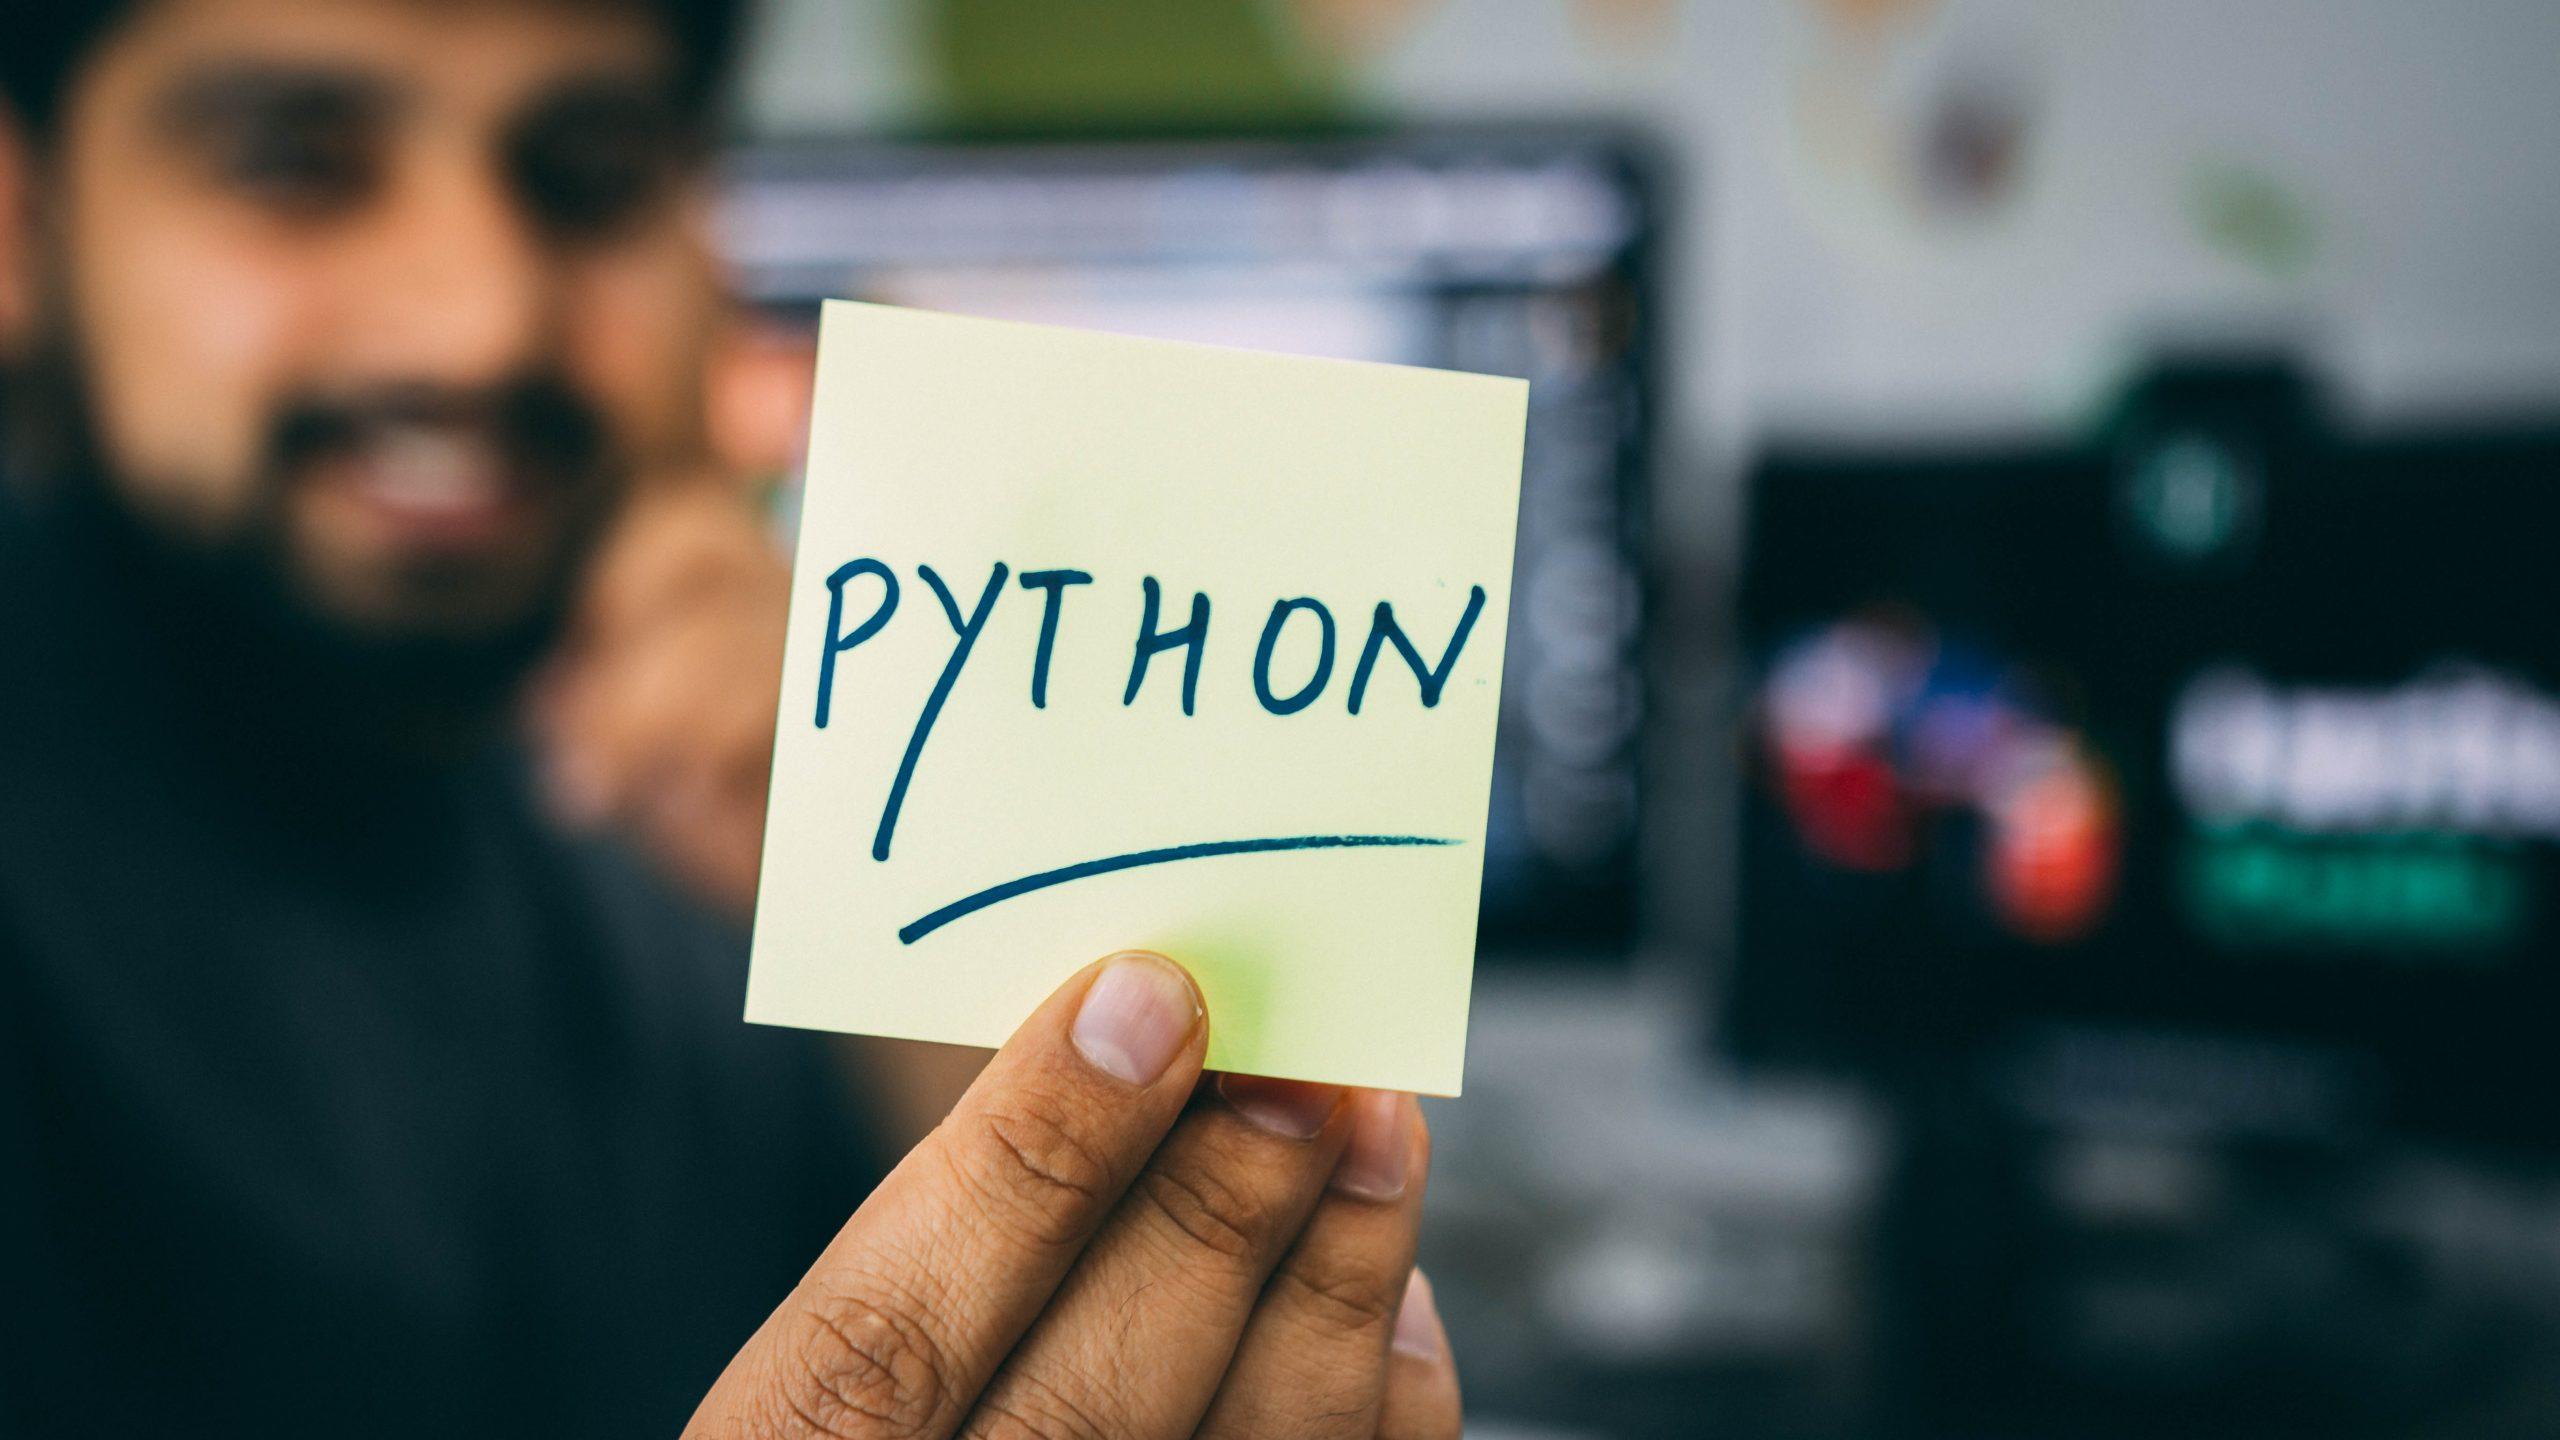 Qu'est ce que le Python et quelle est son utilisation ?